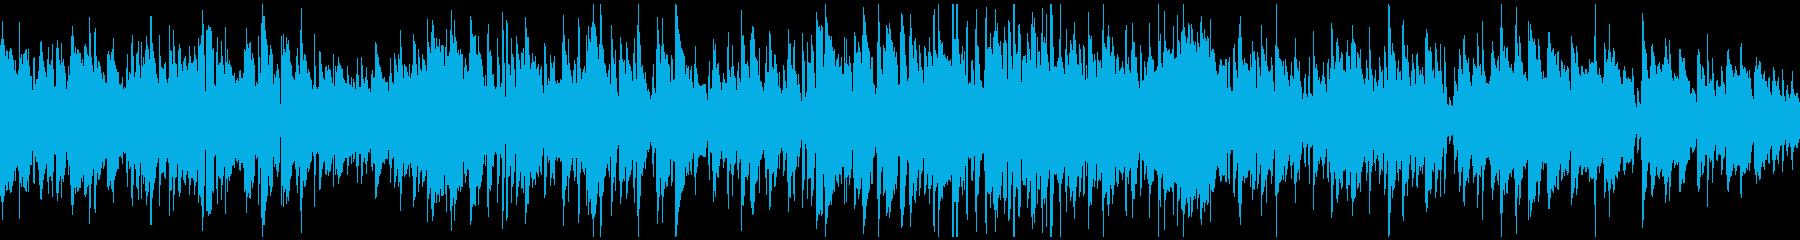 緩やかで優しいボサノバ ※ループ仕様版の再生済みの波形